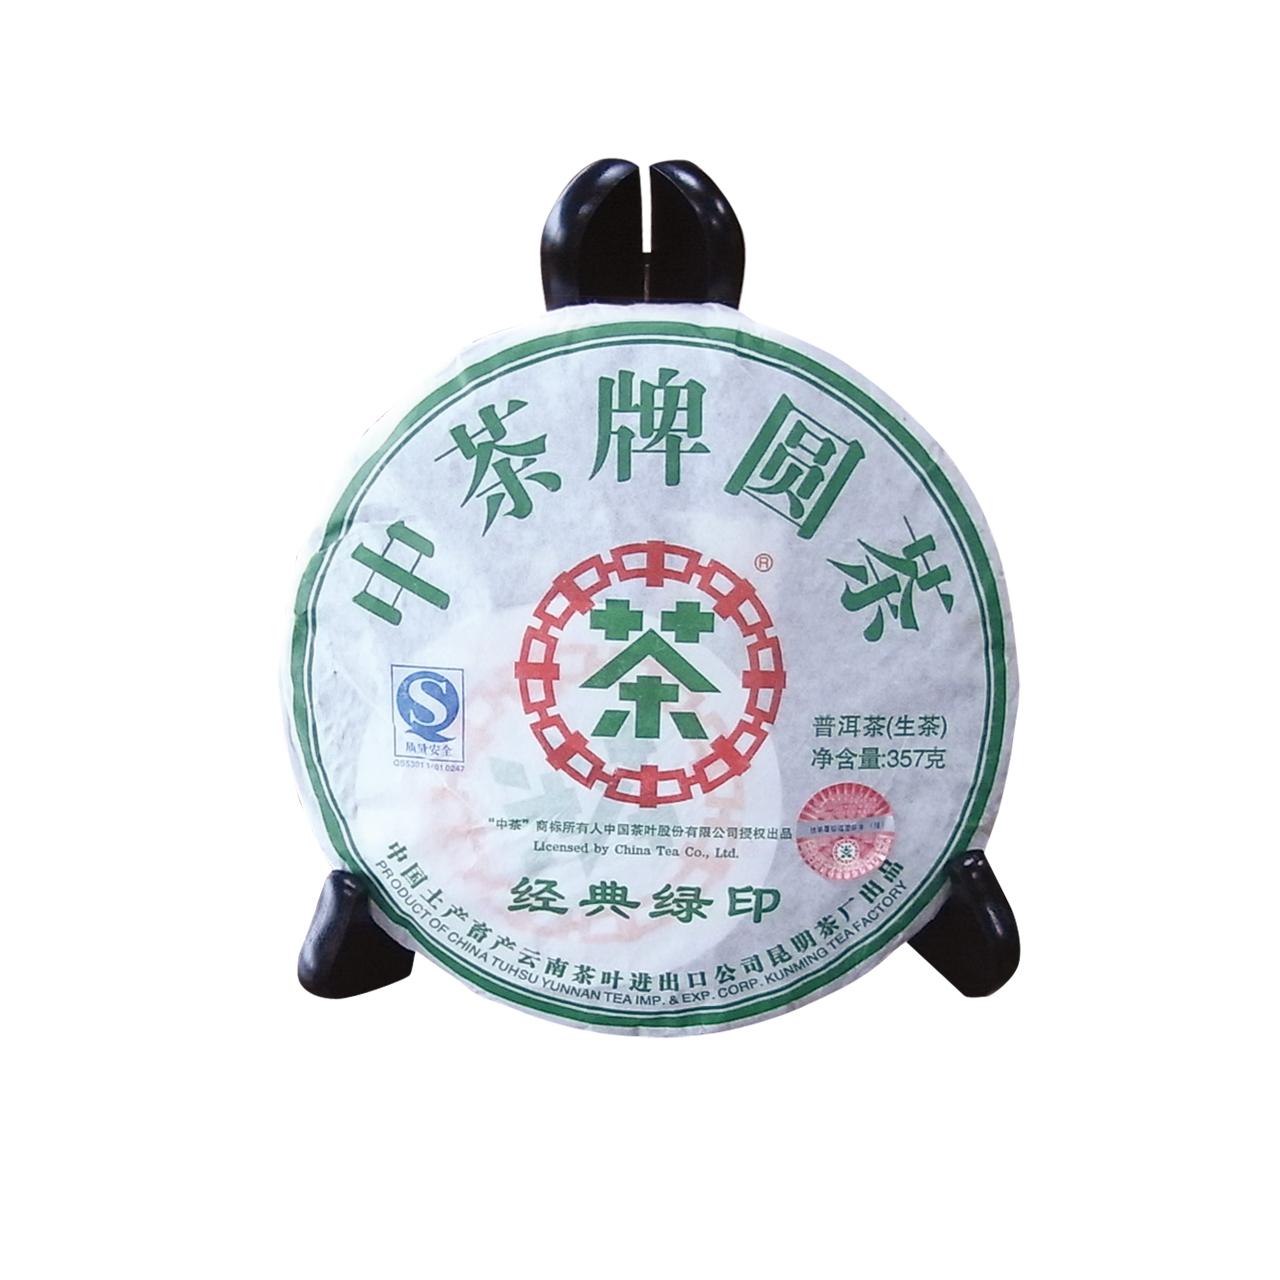 中茶牌圓茶(經典綠印)(生茶)